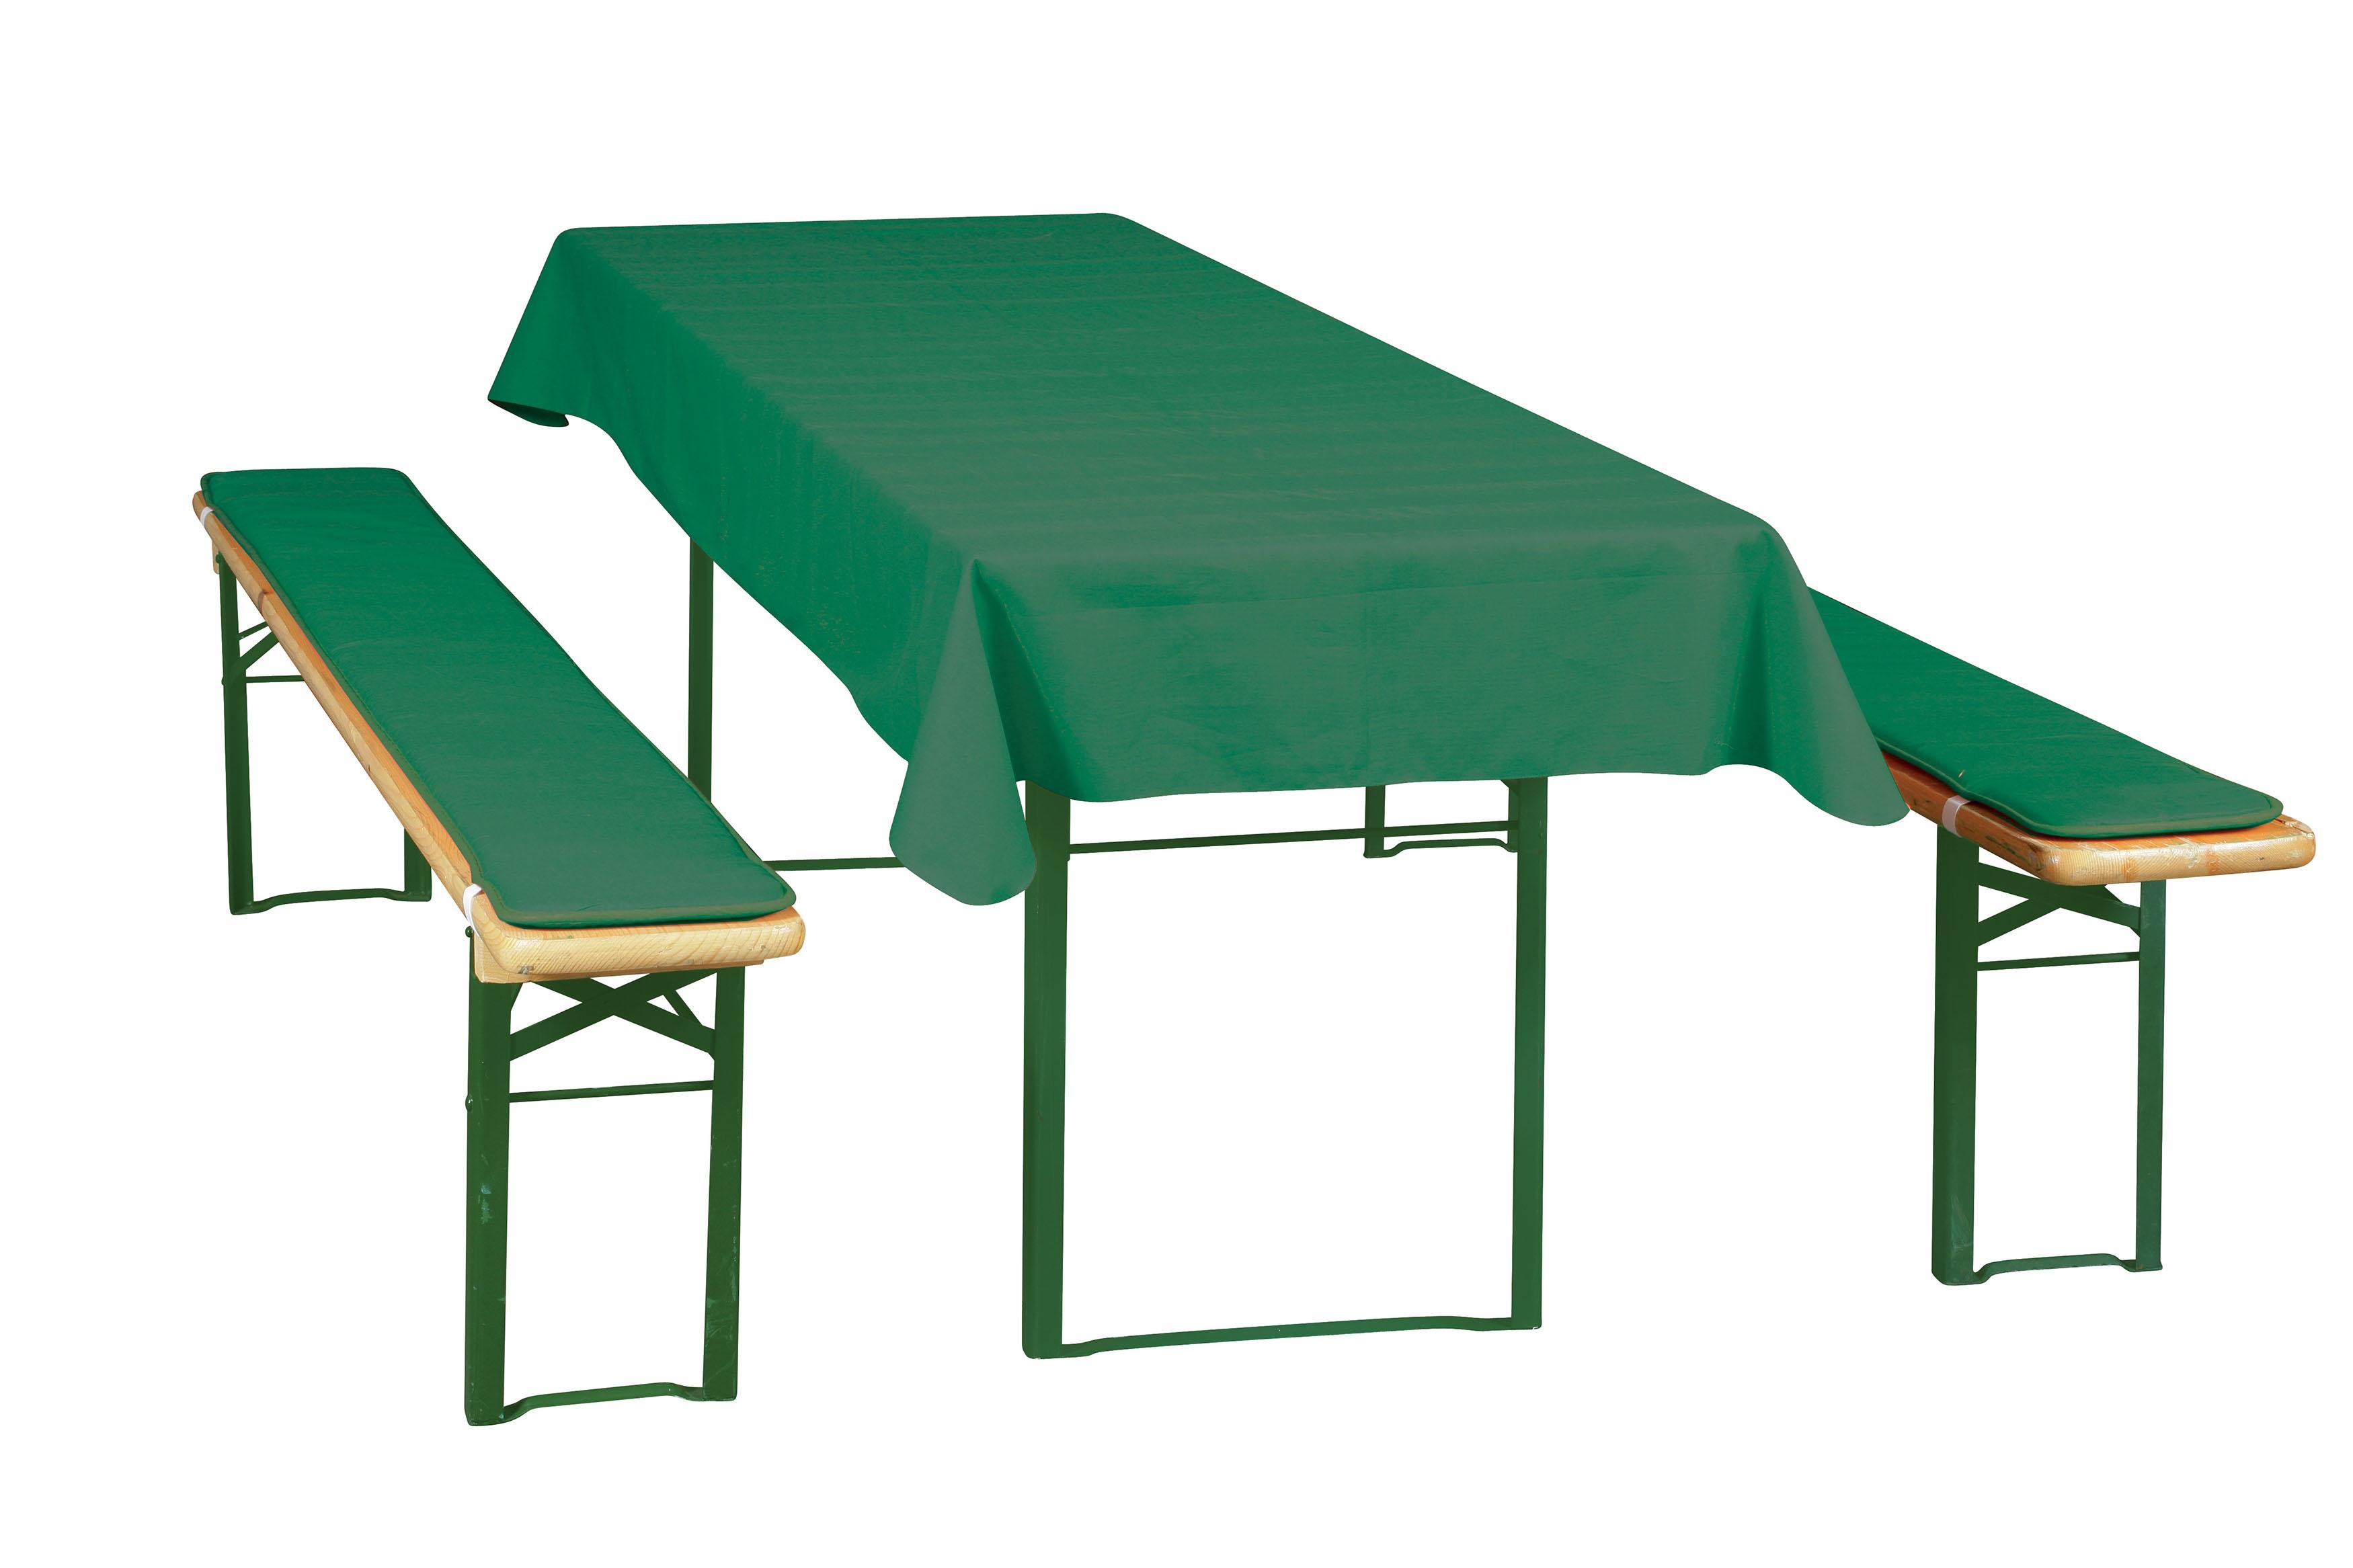 Poduškový set pro pivní lavice šíře stolu 50 cm - UNI, 904